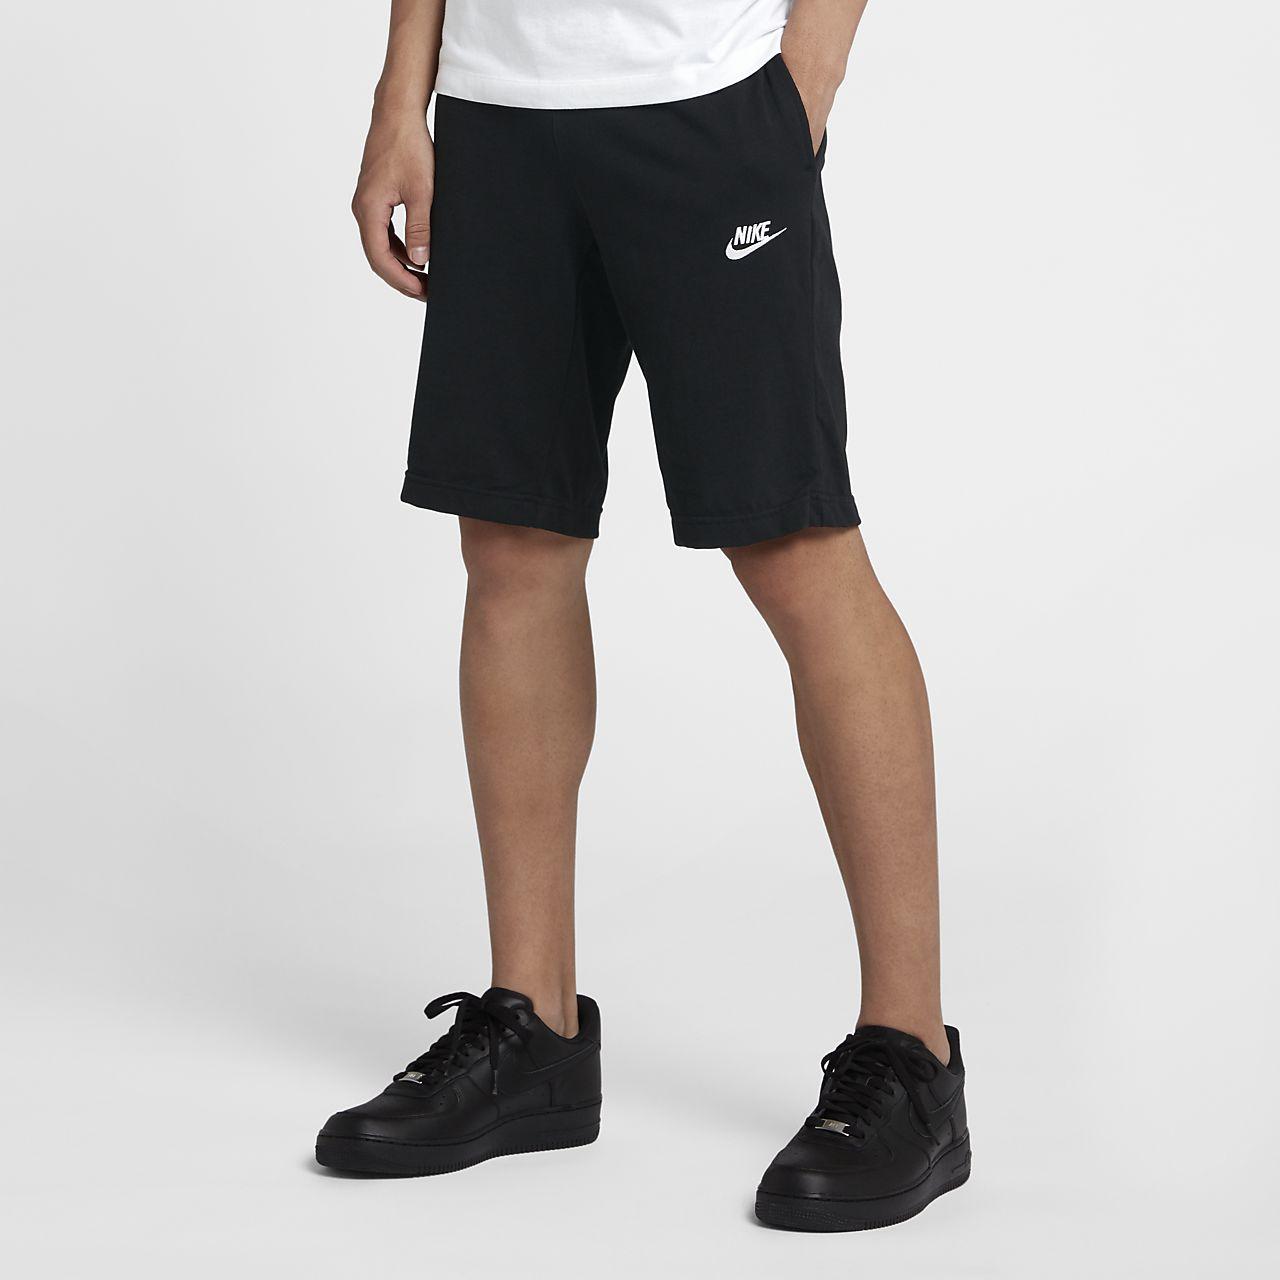 4a32e7b48951 Low Resolution Nike Sportswear Men s Shorts Nike Sportswear Men s Shorts